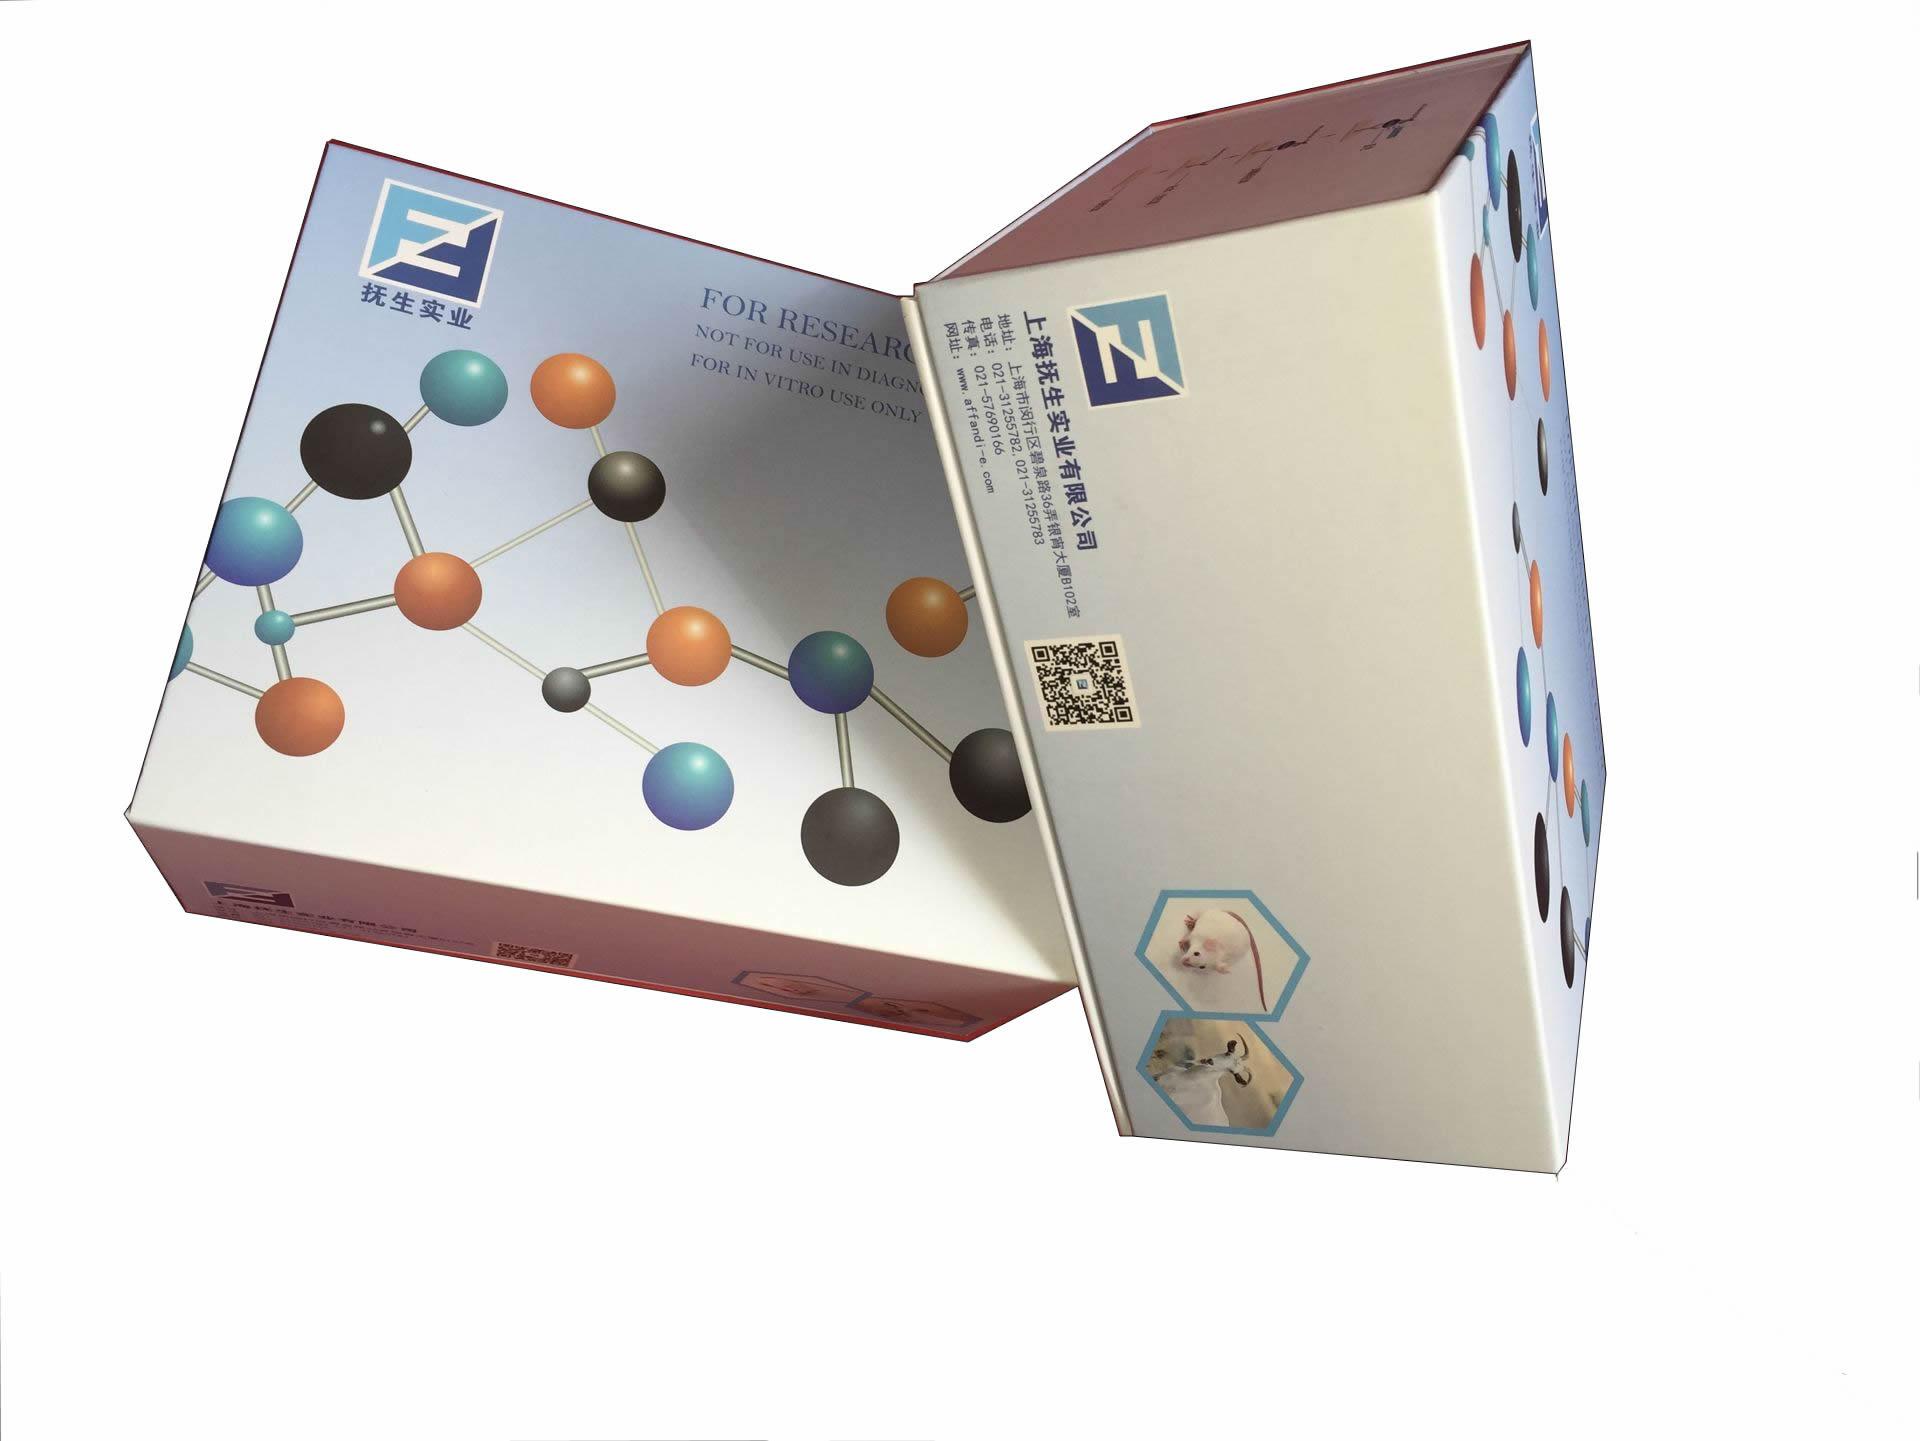 巨噬细胞炎性蛋白1α检测试剂盒在哪买